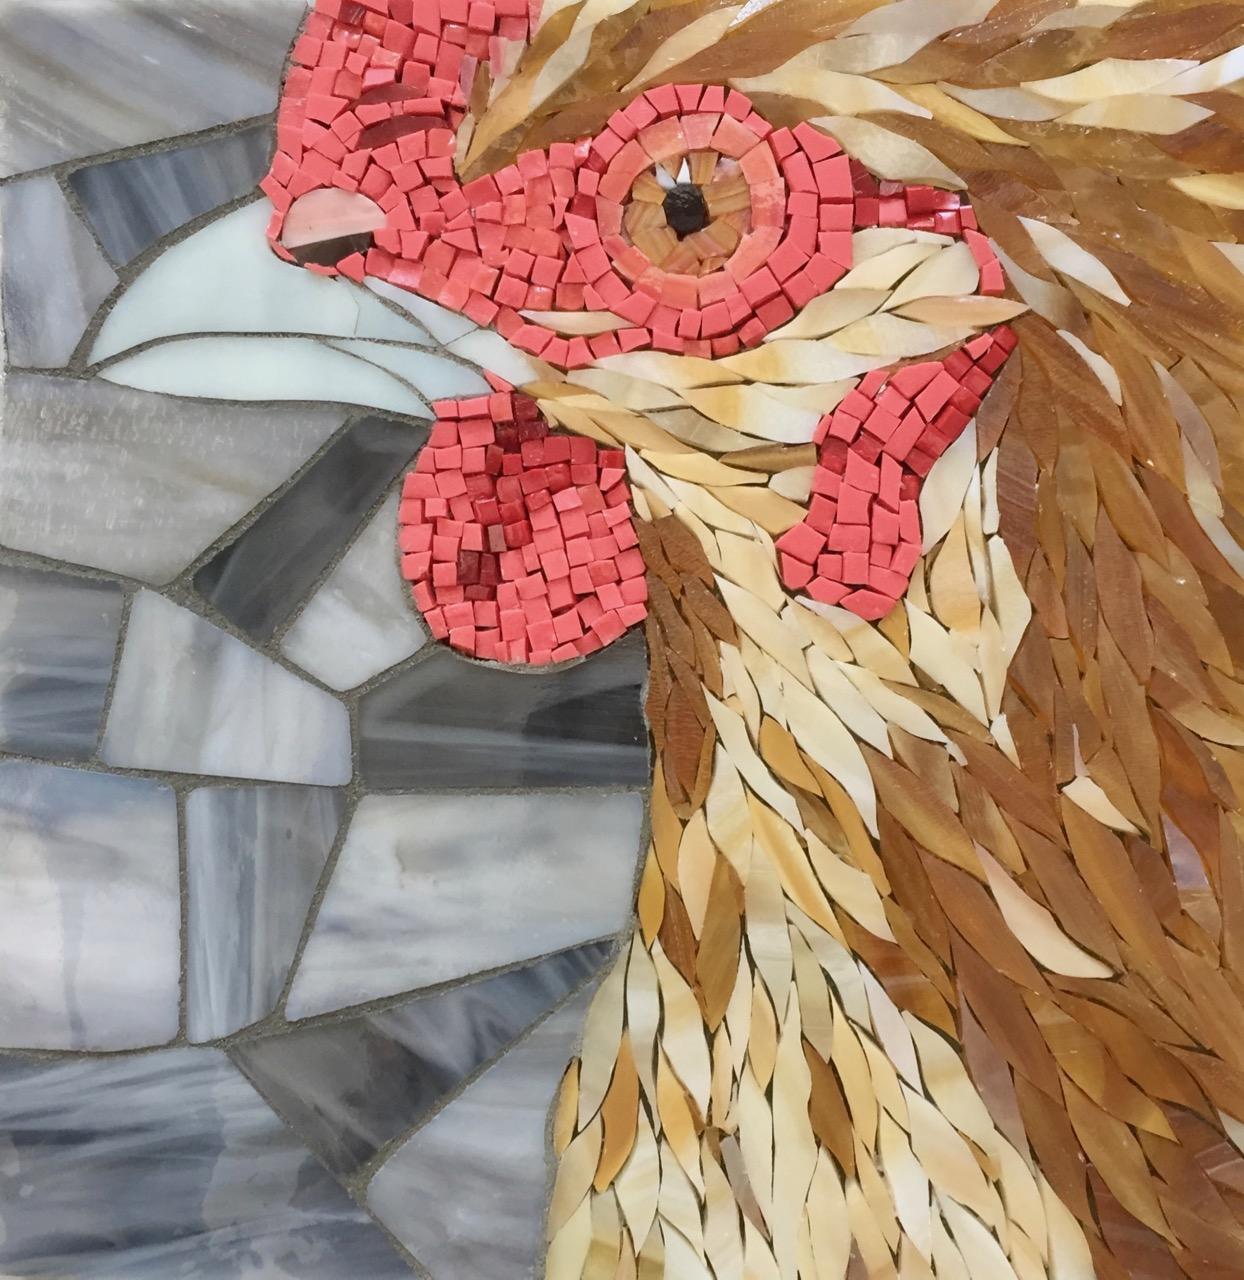 Rachel's Chick